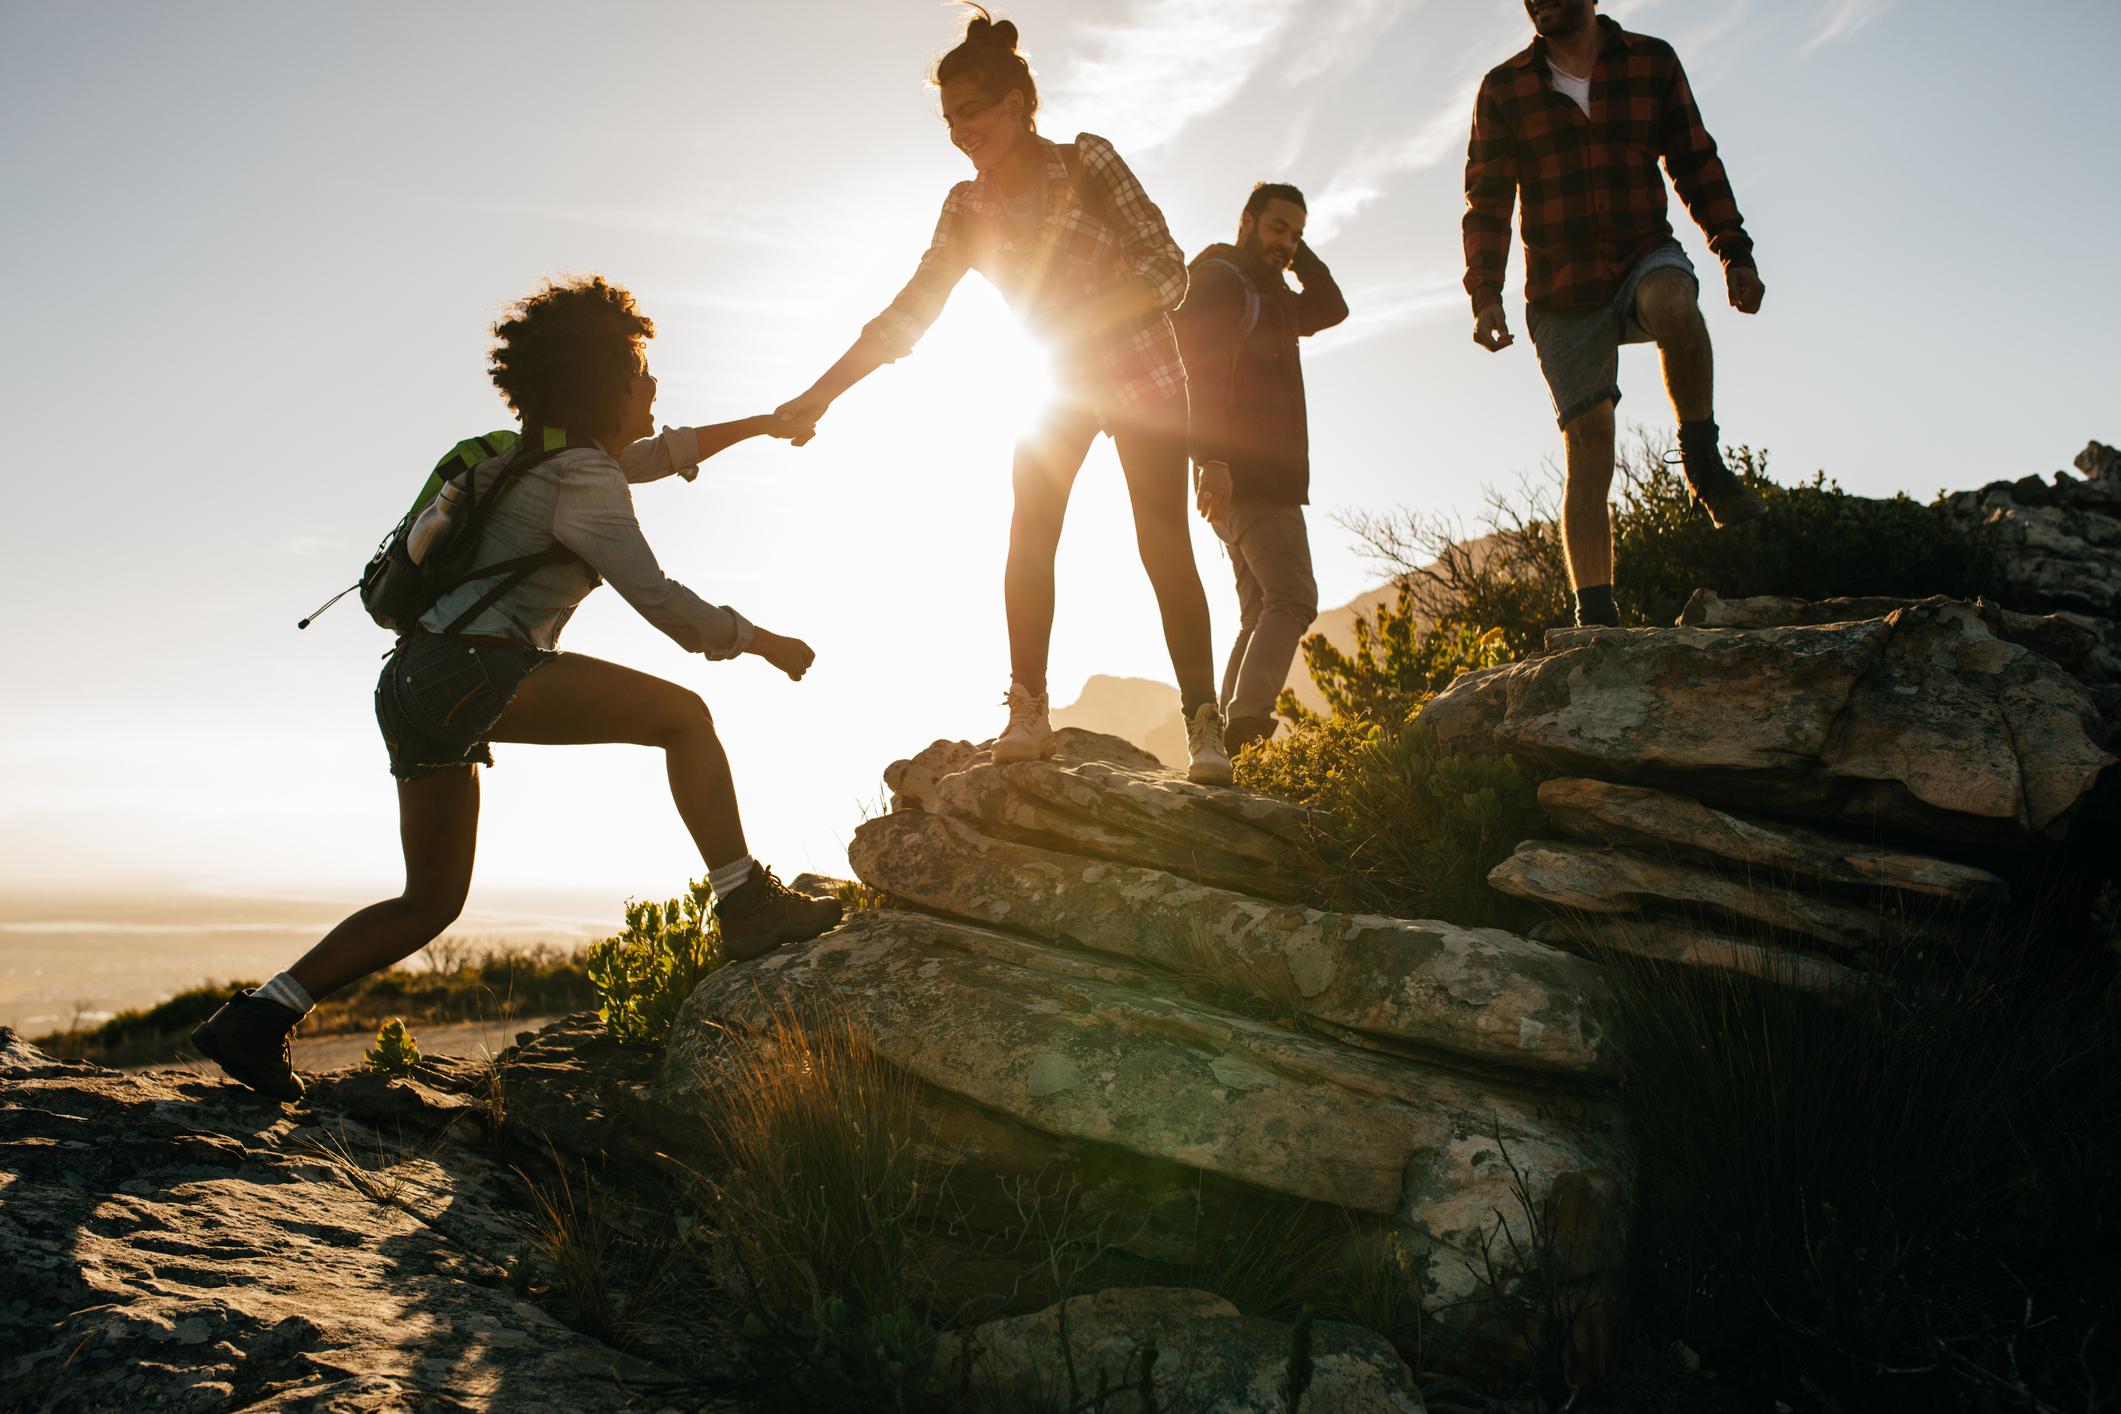 """- """"Att gå Inre och Yttre ledarskap ger mig en bra komplettering av de färdigheter jag förvärvade under år 1 och 2, med fokus på hur jag blir tryggare i min ledarroll. Detta gäller min förmåga att leda en grupp och framförallt hur jag leder mig själv."""" Deltagare"""